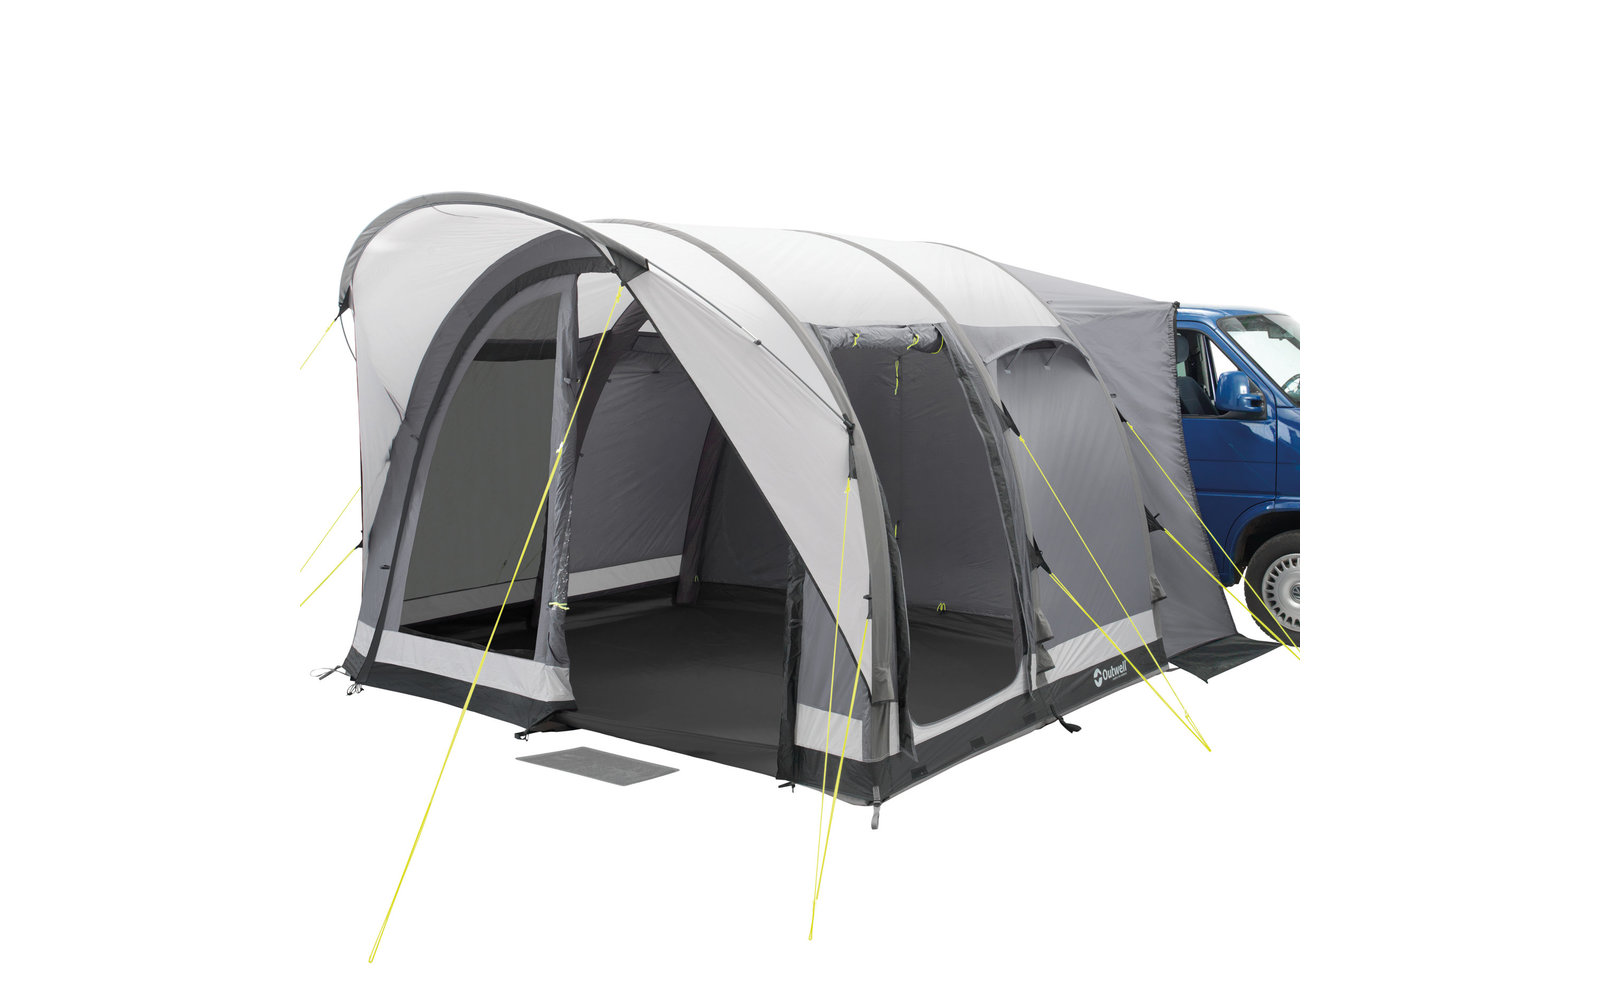 busvorzelt hollywood freeway fritz berger campingbedarf. Black Bedroom Furniture Sets. Home Design Ideas